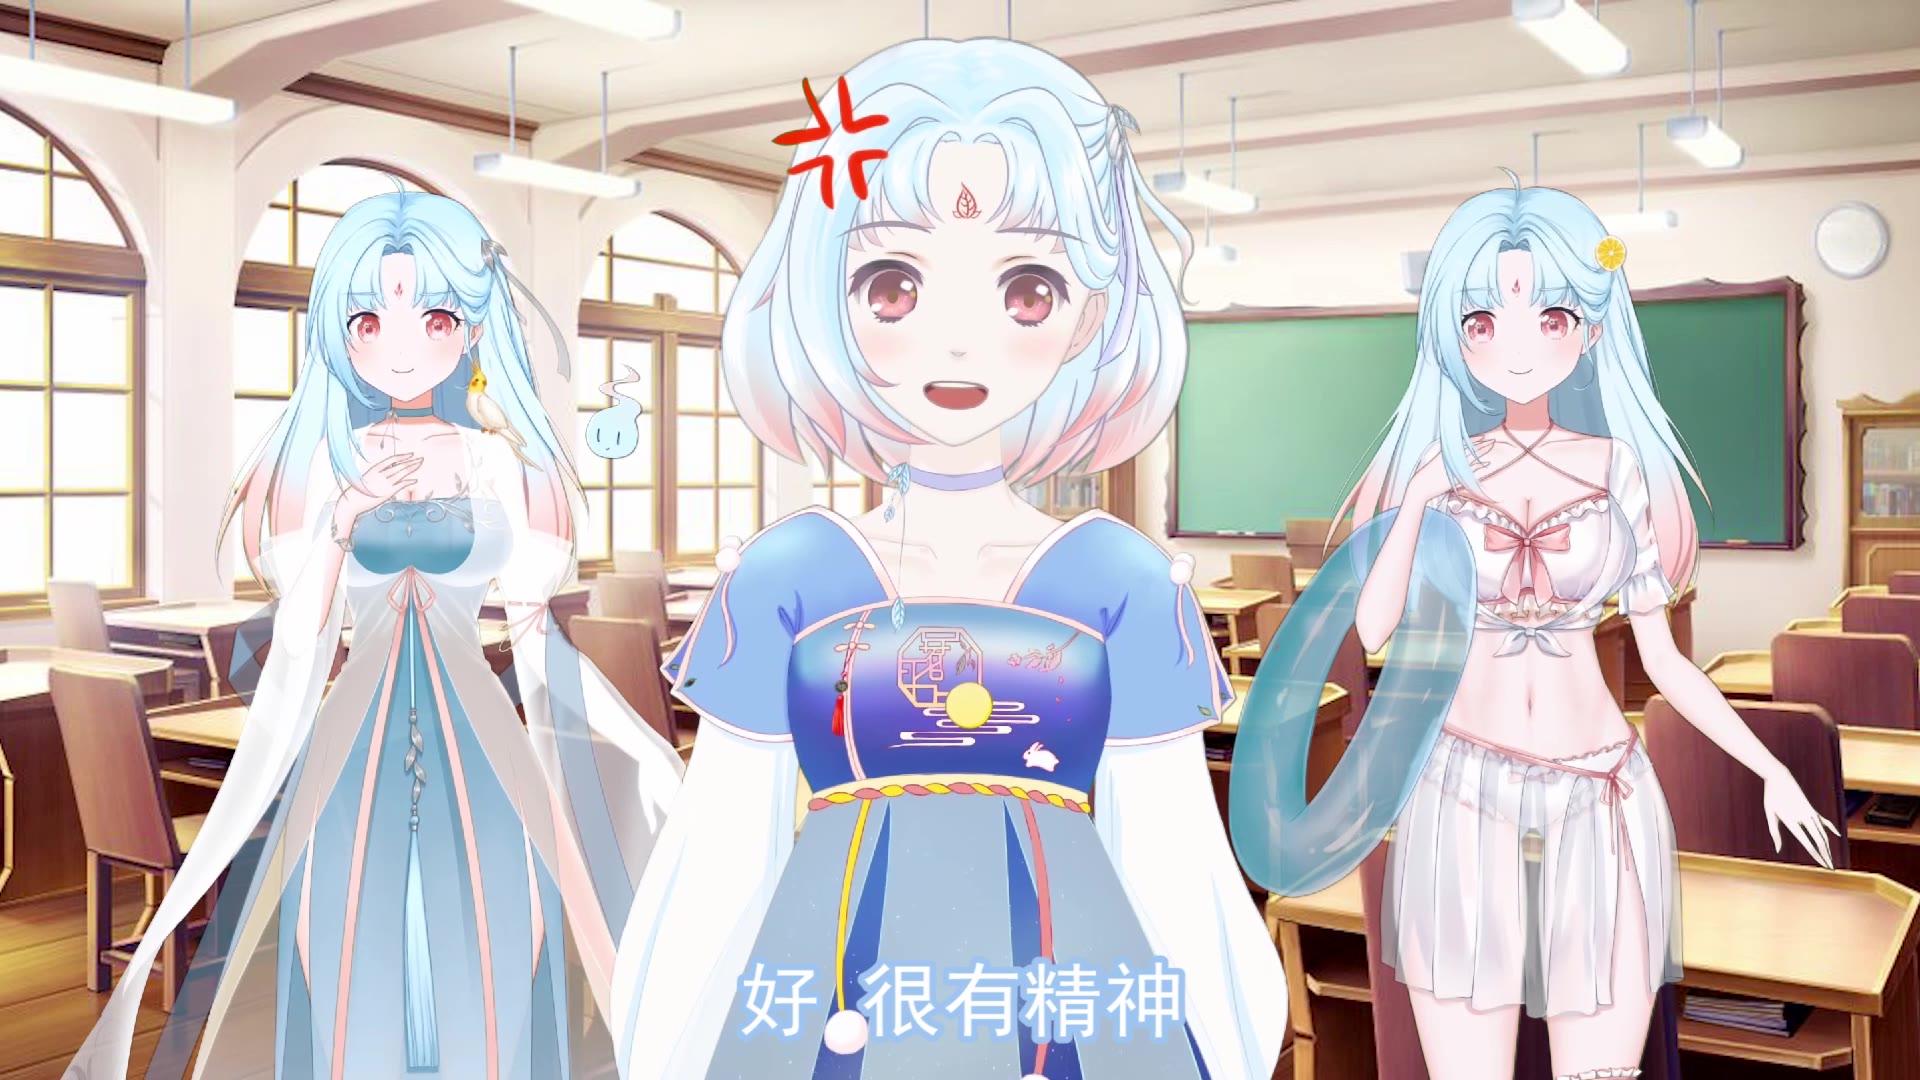 【茗魂】虚拟偶像老大哥模板